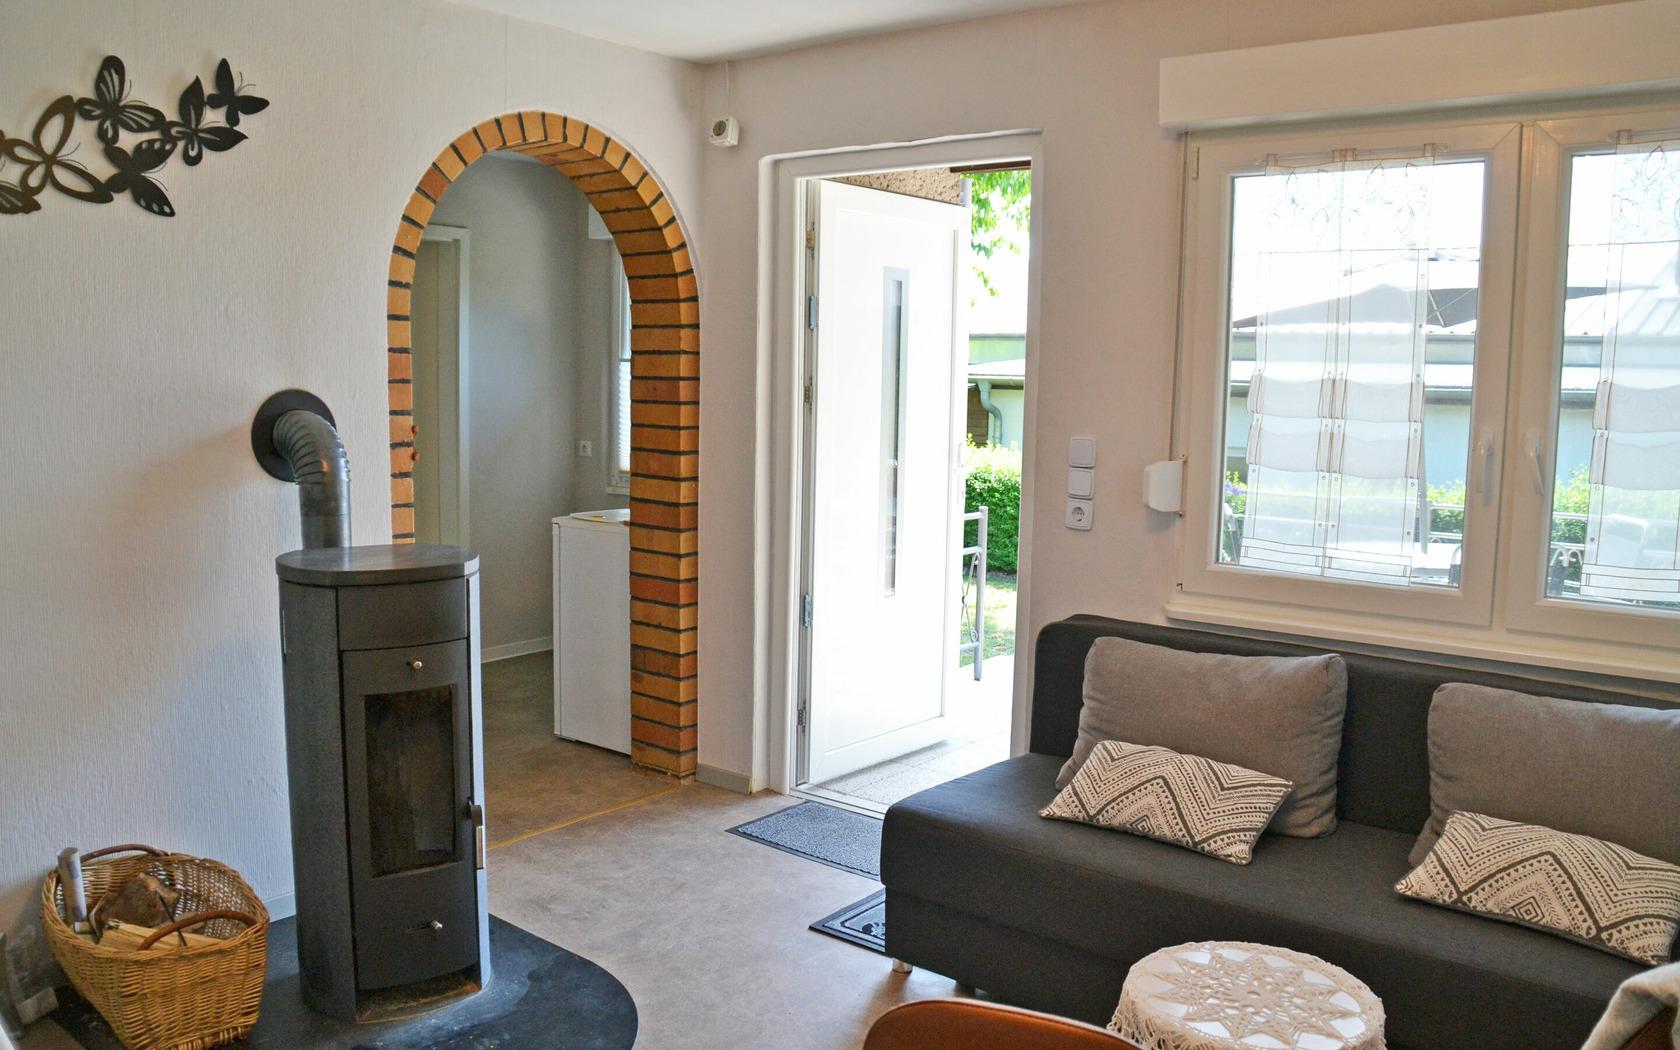 Ferienhaus Gartenidyll Wohnbereich, Foto: MuT Guben